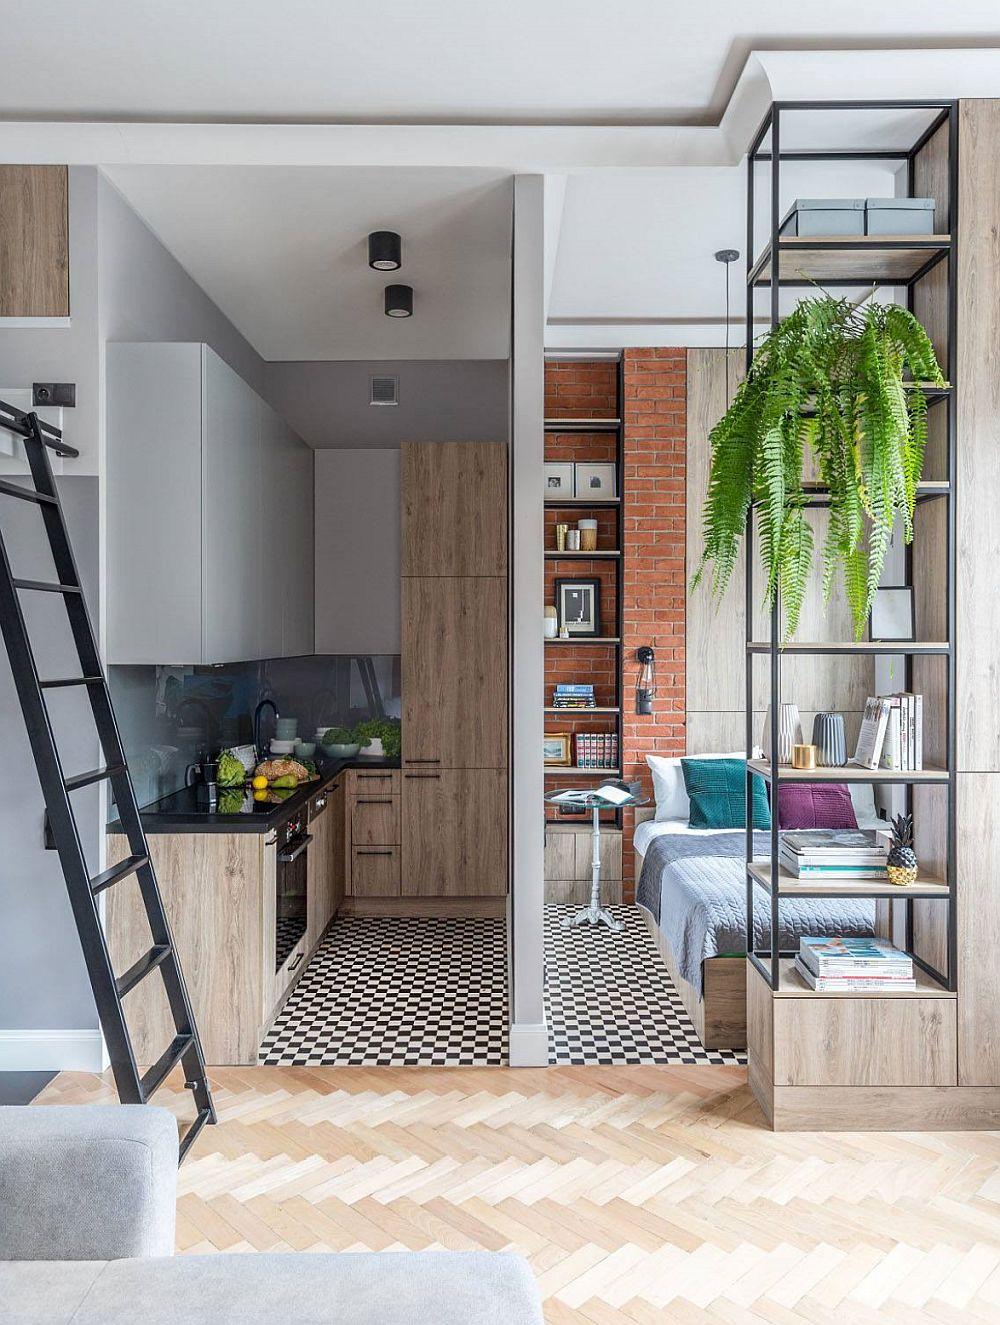 Chiar dacă spațiile sunt mici, faptul că tavanul este înalt contează mult în atmosfera camerei. Practic, volumul de oxigen este cel care dă starea de bine, pe lîngă lumina naturală care pătrunde din plin pe ferestrele înalte. De remarcat și modul de tratare al plafonului, unde sunt mascate majoritatea instalațiilor electrice, dar și țevile care traversau locuința.